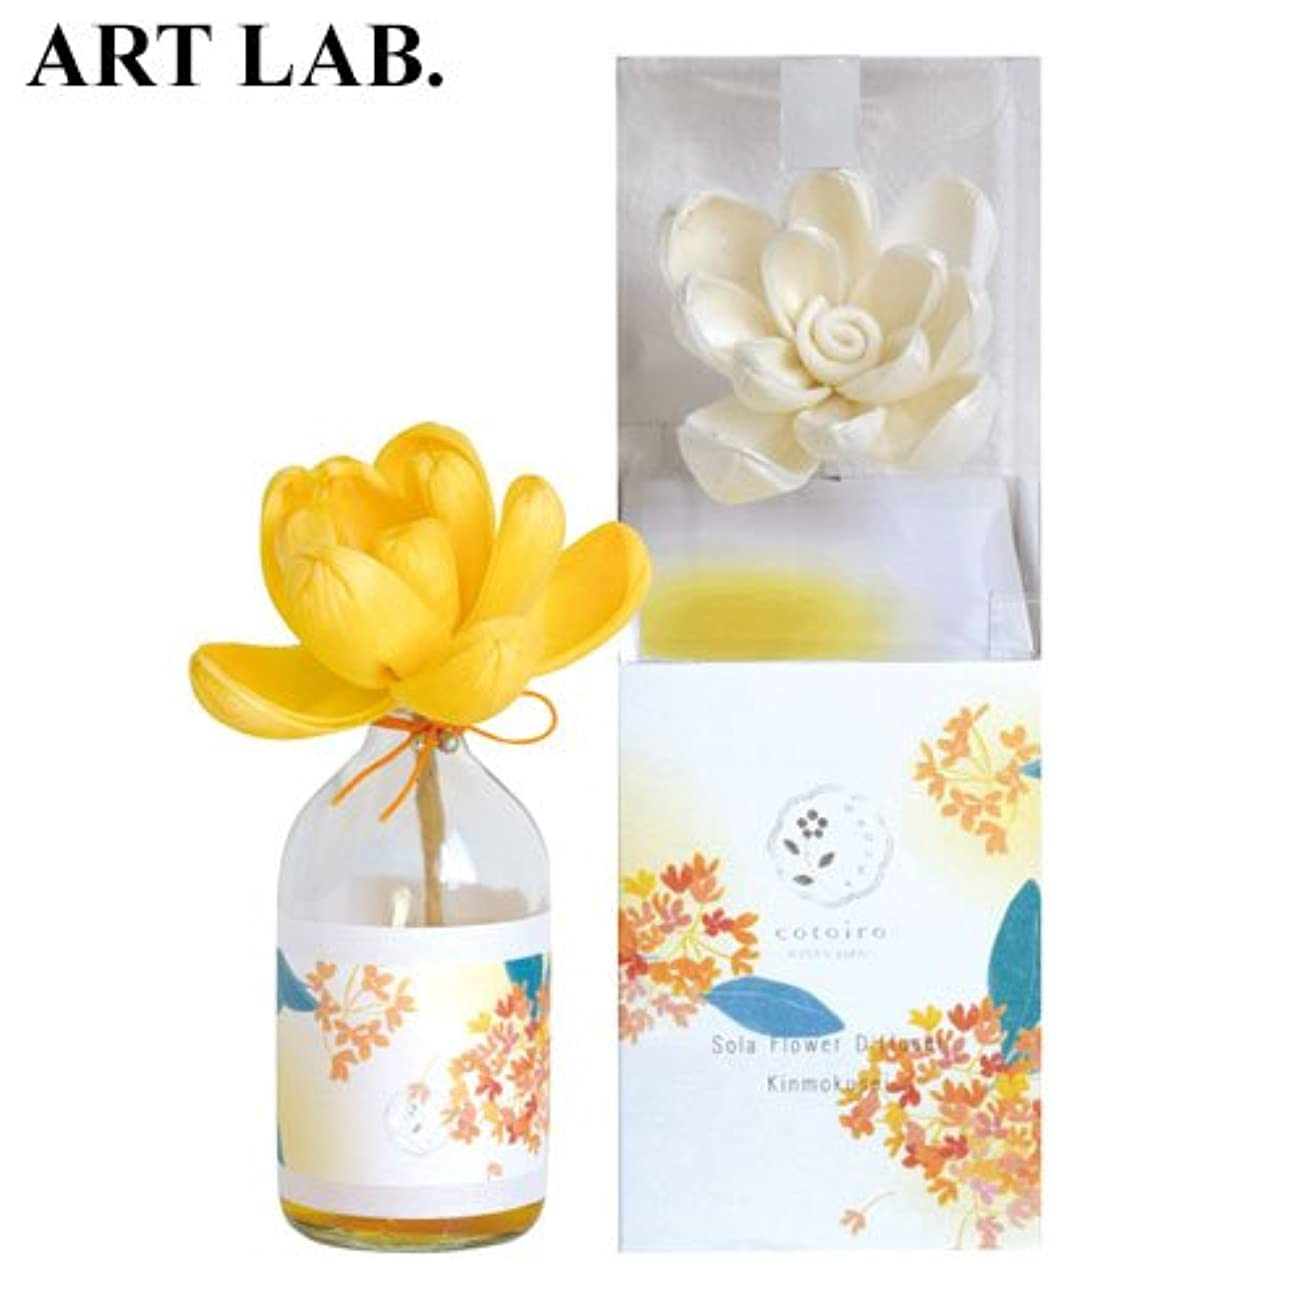 パドル半径明示的にwanokaソラフラワーディフューザー金木犀《果実のような甘い香り》ART LABAroma Diffuser